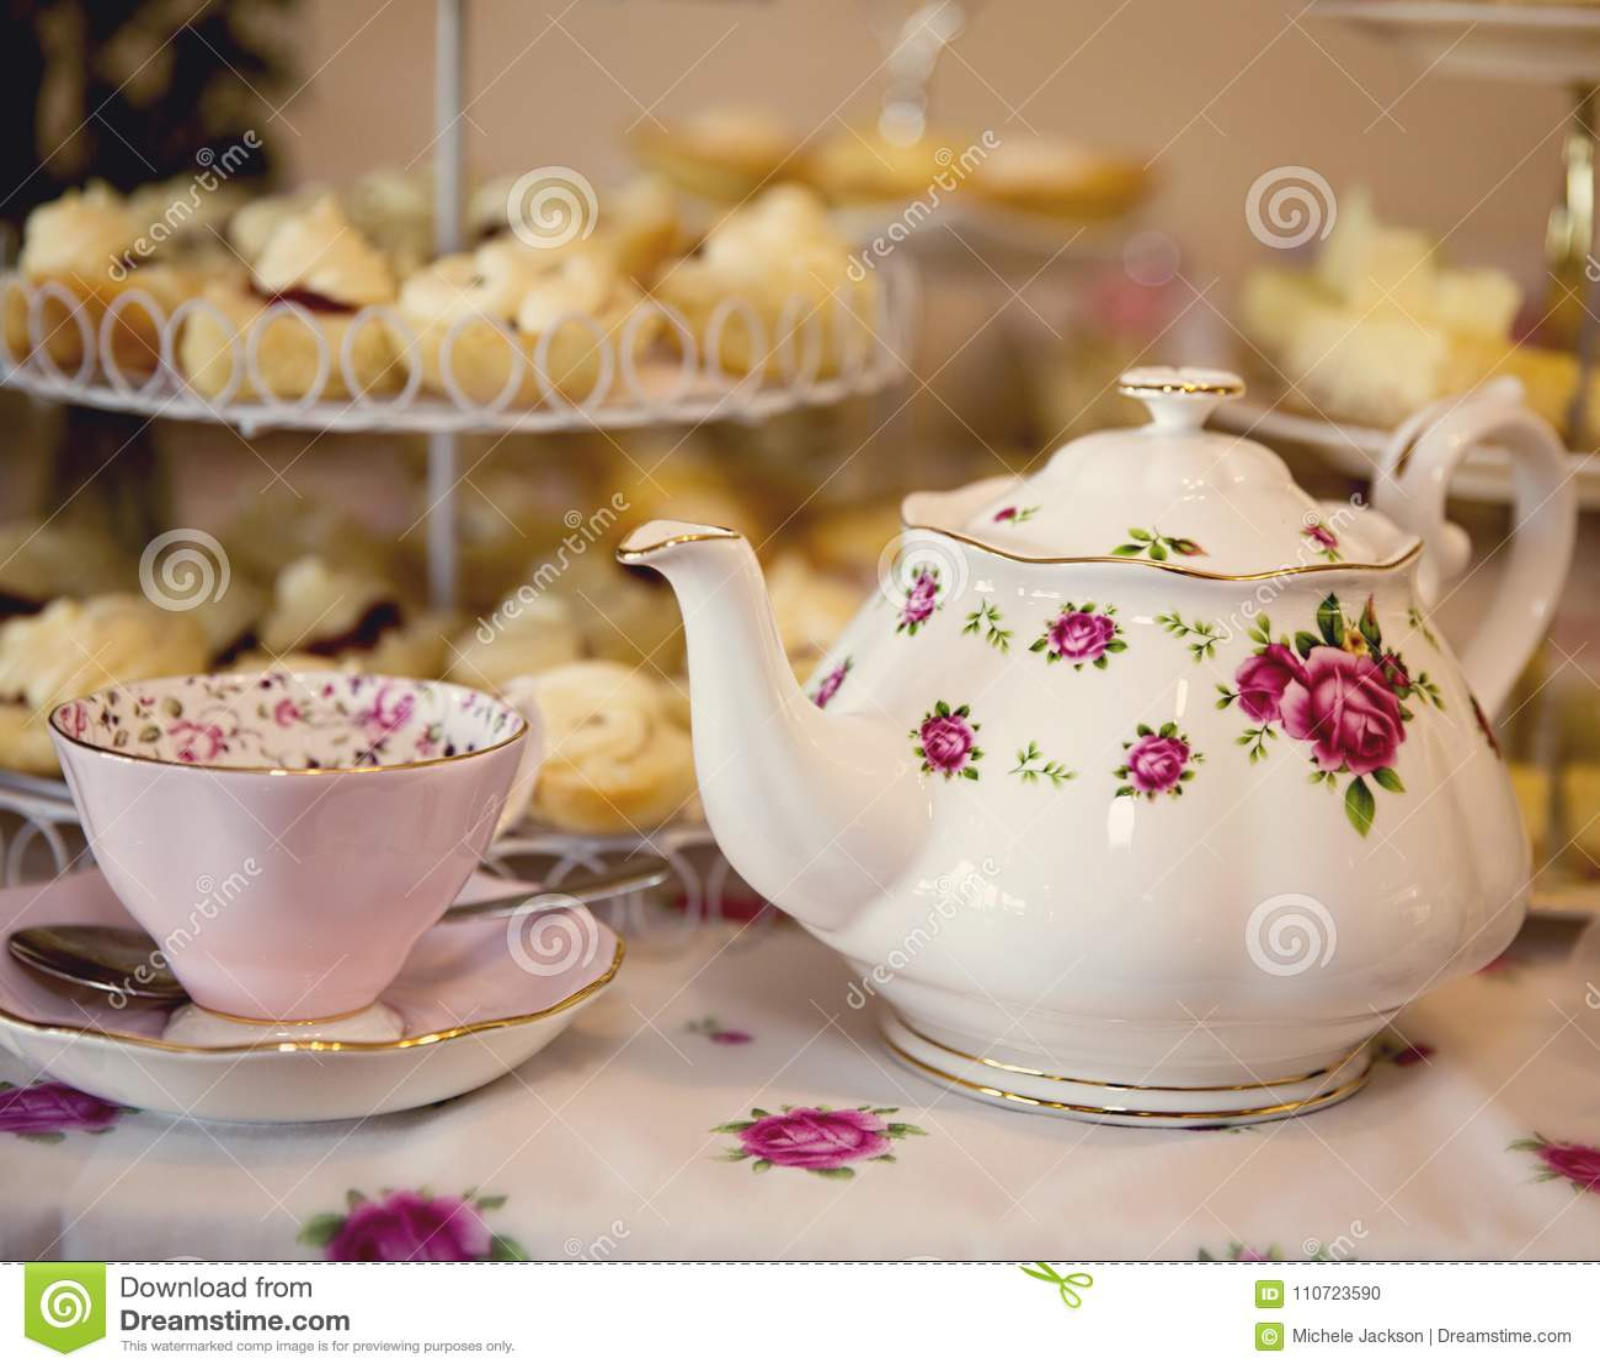 特殊场合的下午茶